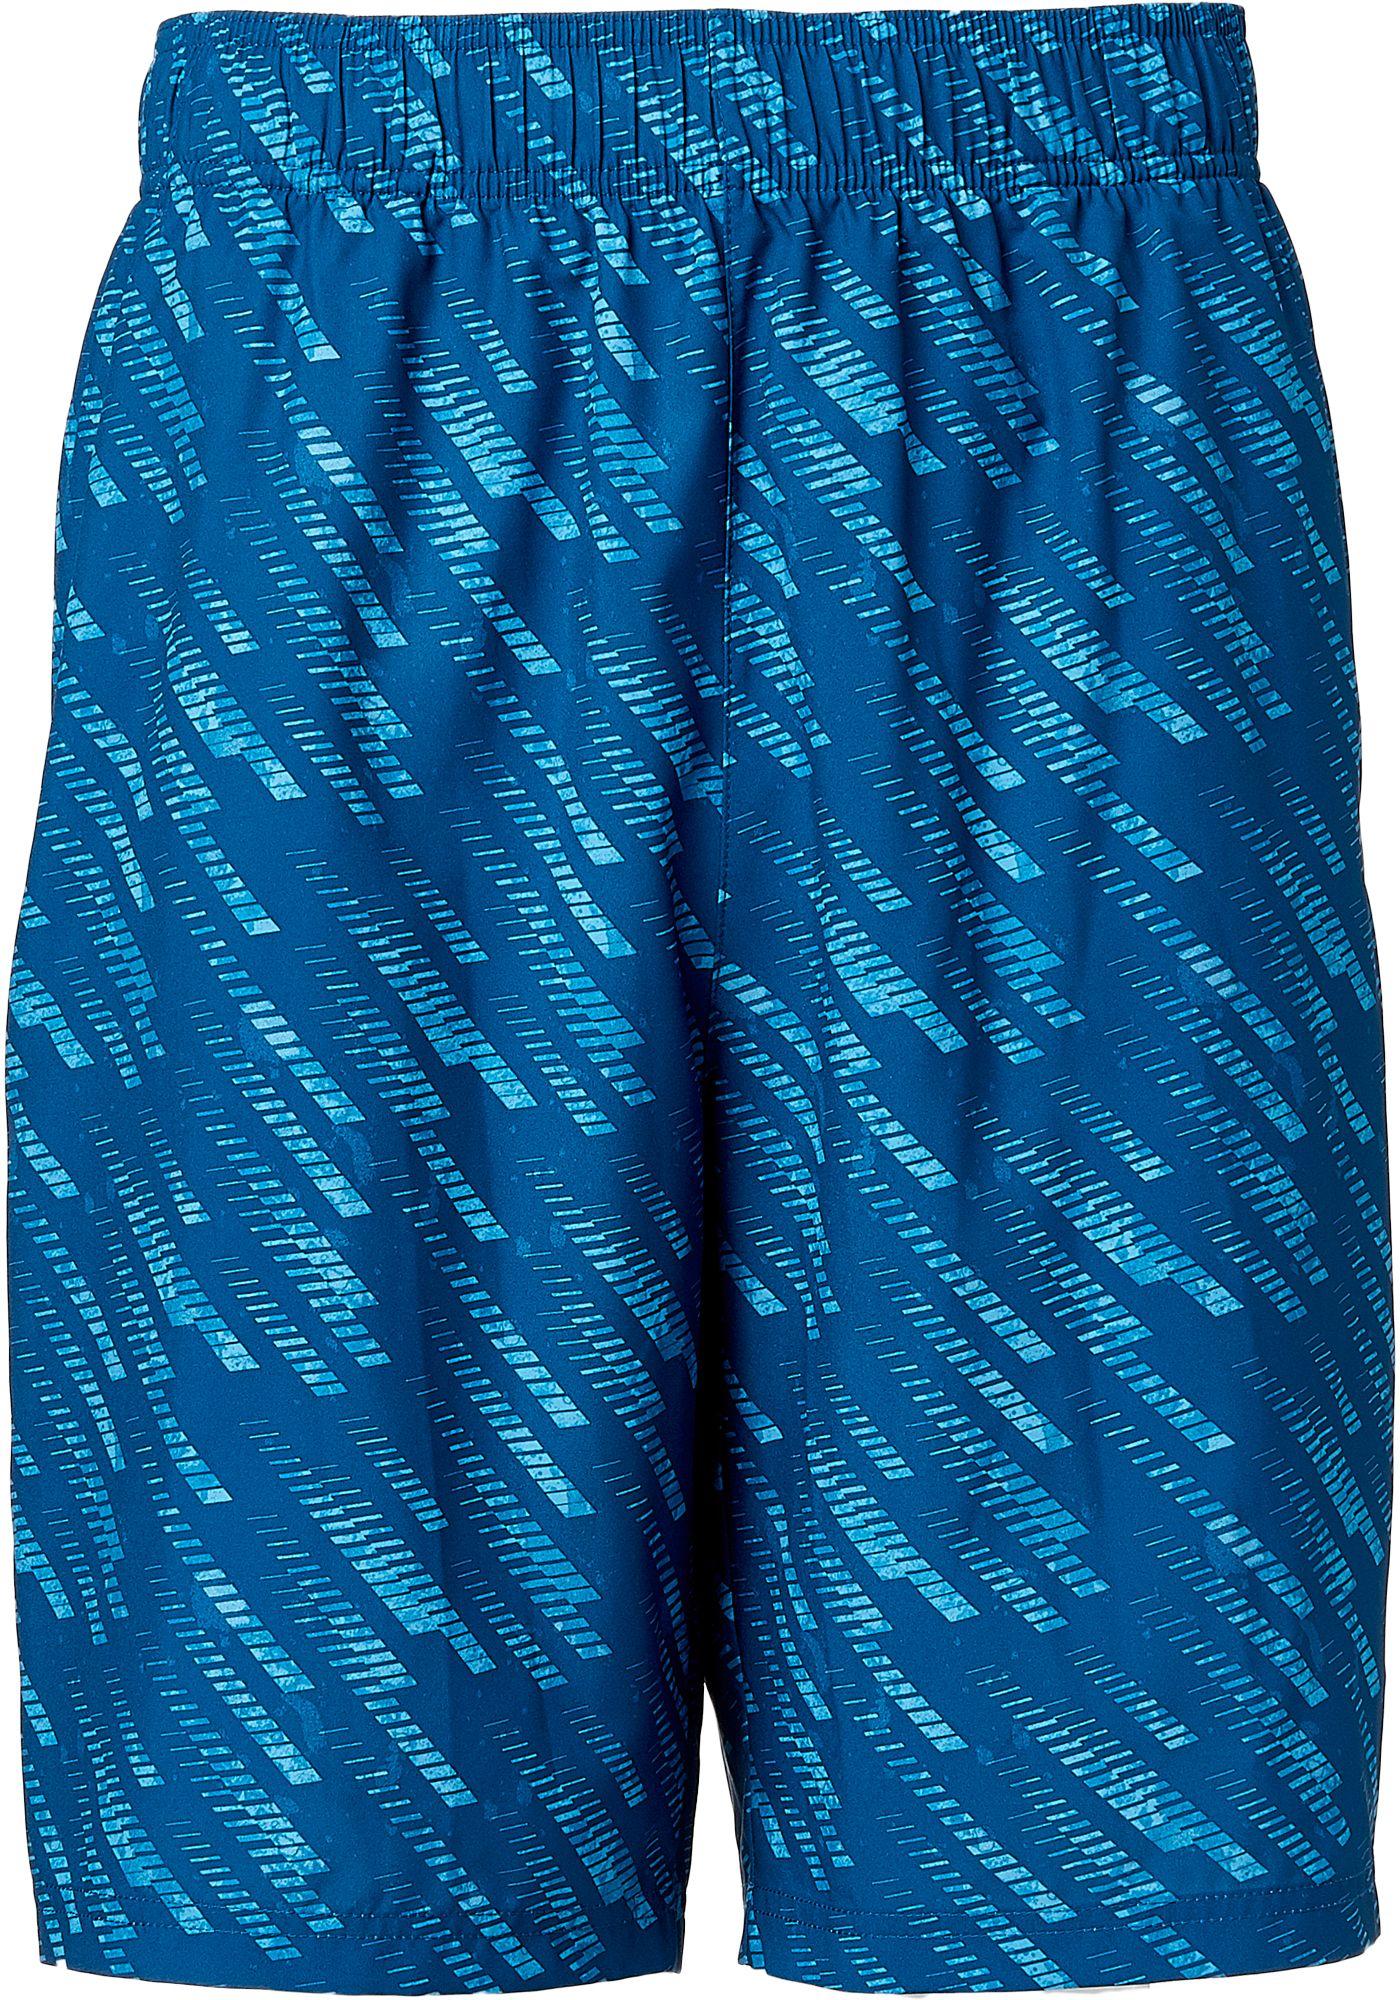 Prince Men's Galaxy Printed Shorts